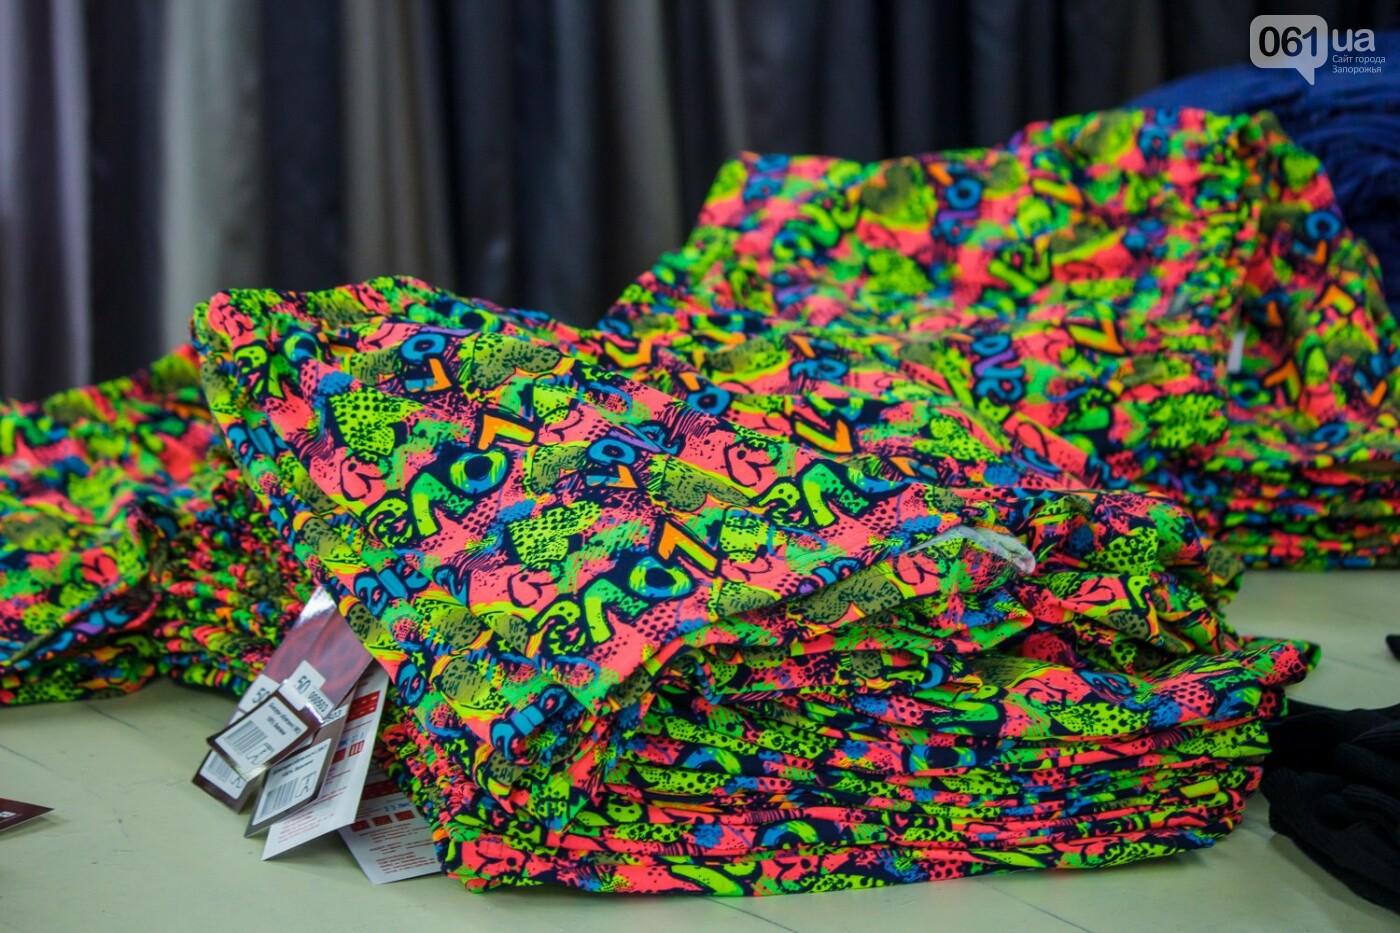 Как в Запорожье шьют мужское белье: экскурсия на трикотажную фабрику, – ФОТОРЕПОРТАЖ, фото-54